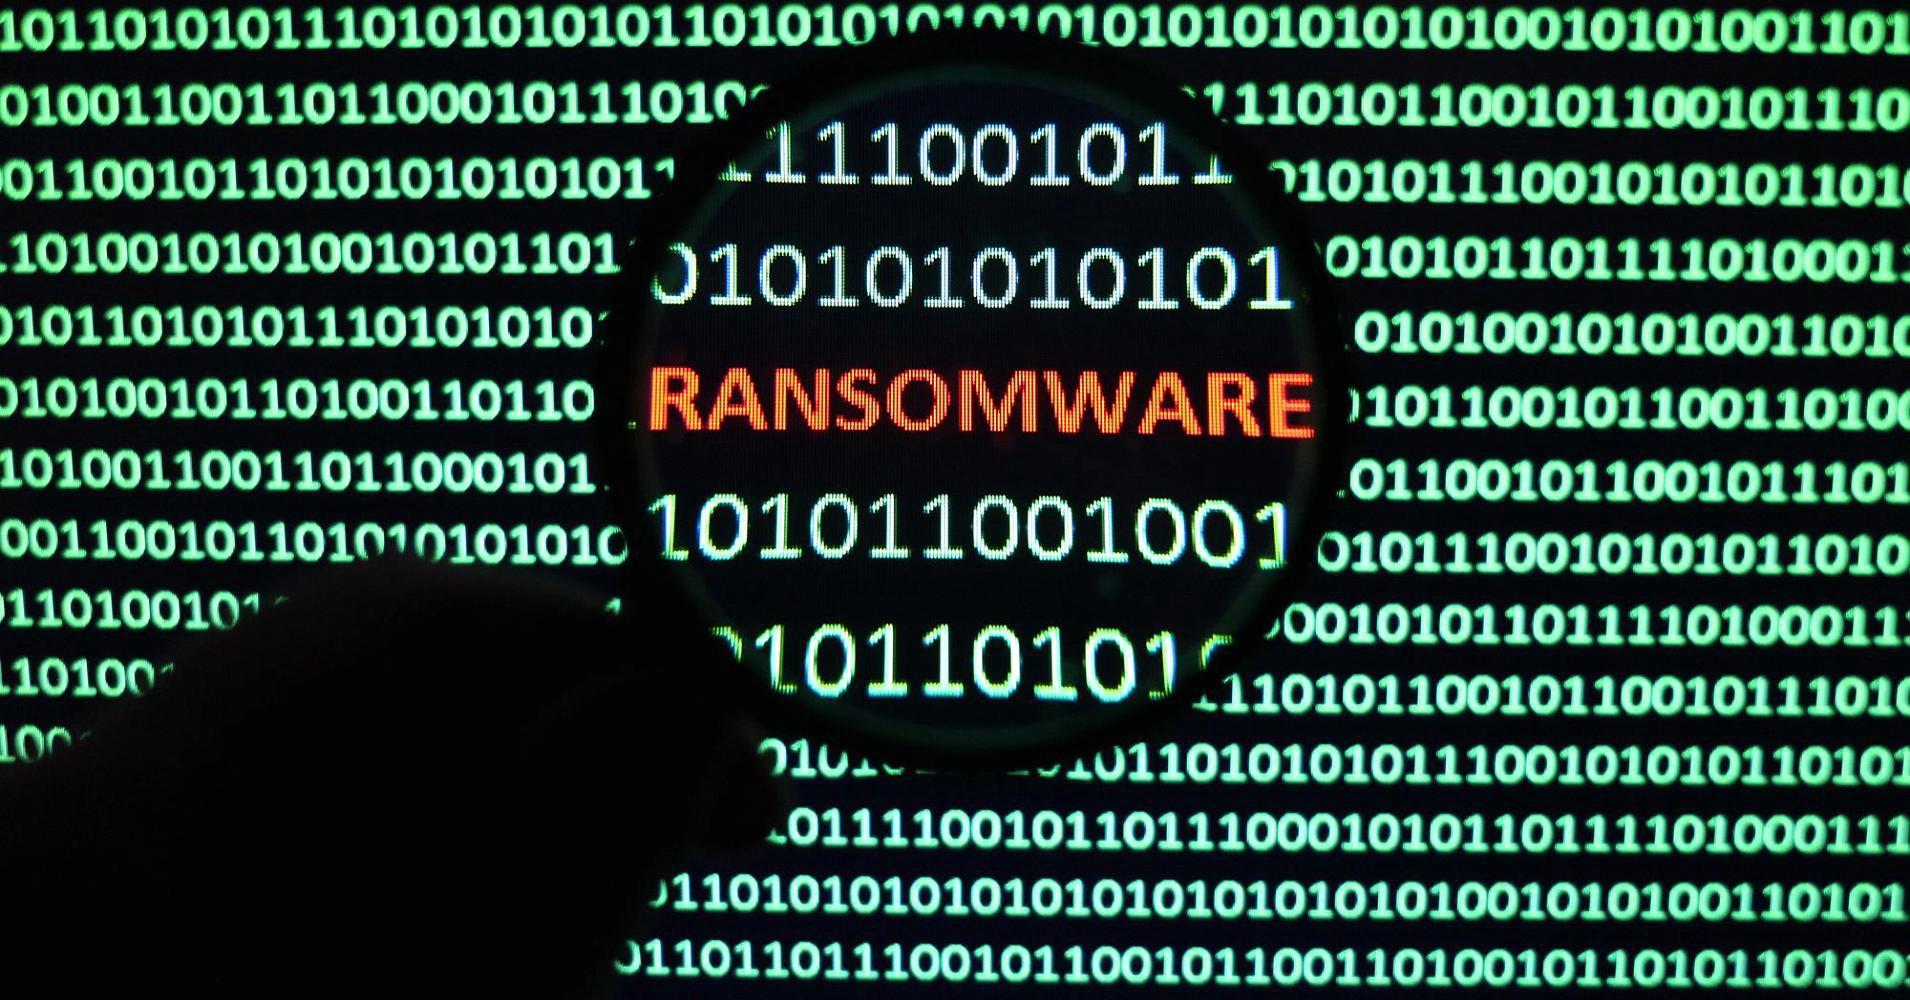 Löschen Sie Servicedeskpay@protonmail.com Ransomware